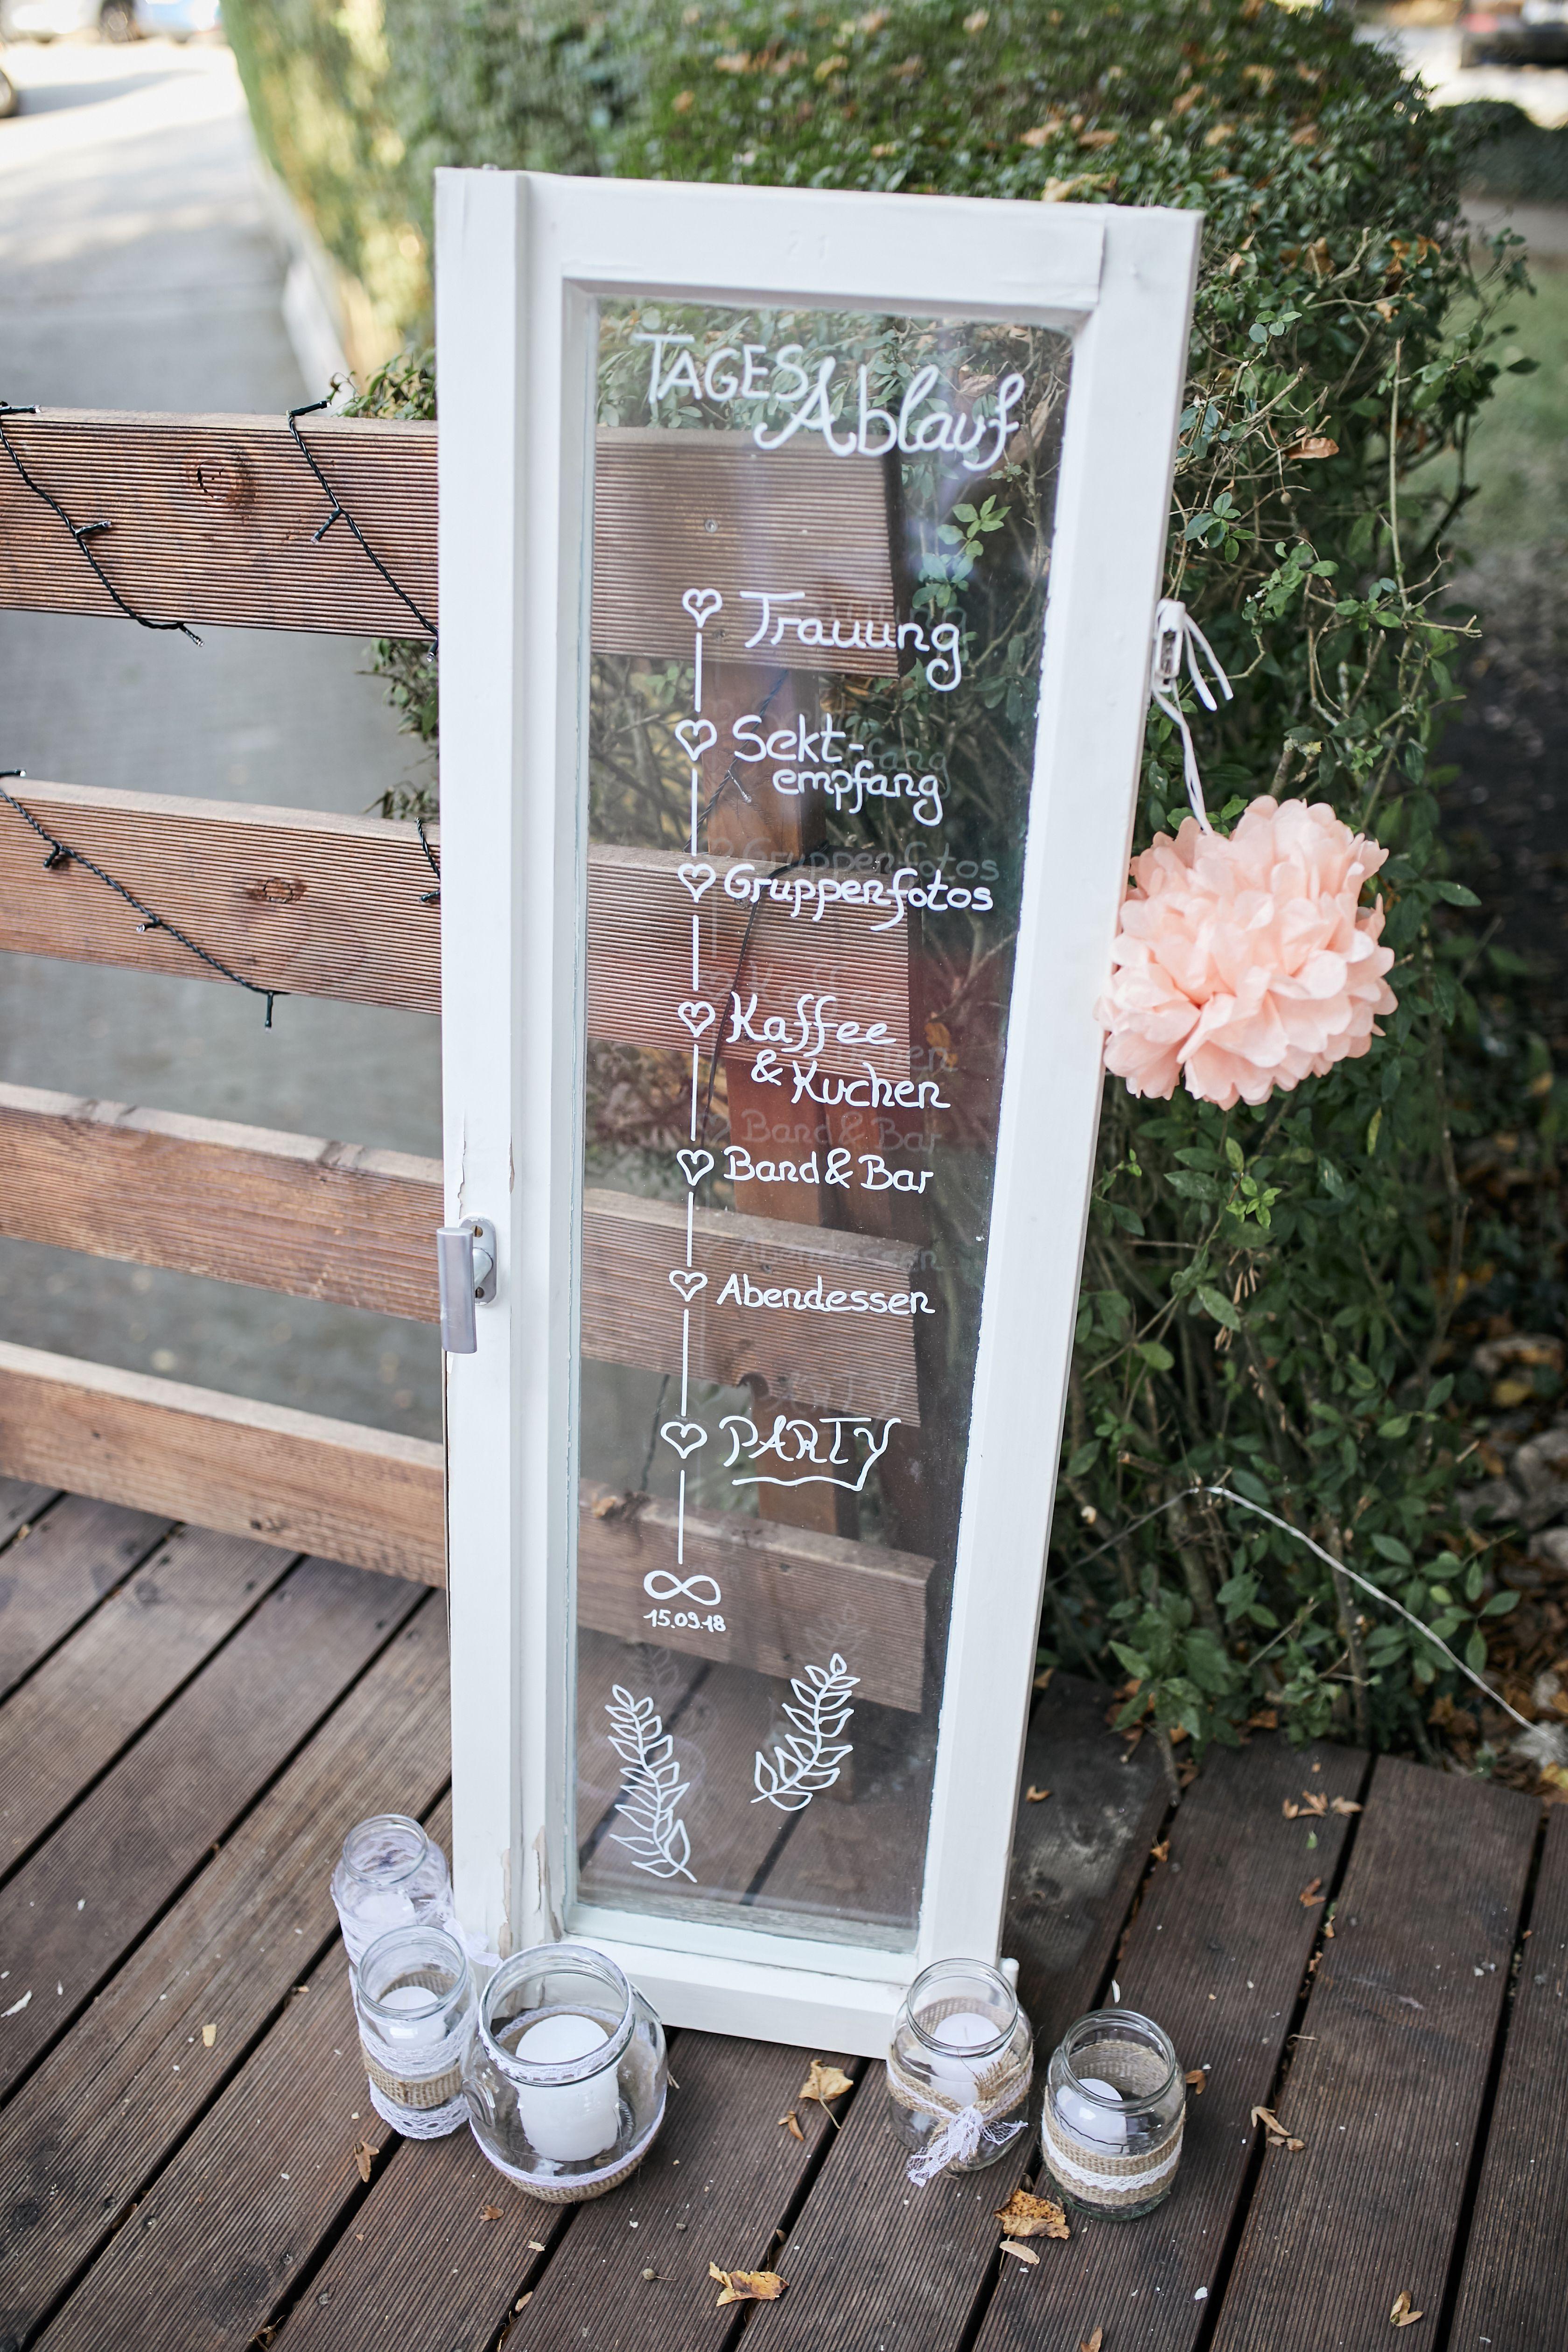 Tagesablauf Hochzeit Fenster Vintage In 2020 Tagesablauf Hochzeit Hochzeitsfenster Hochzeit Ablauf